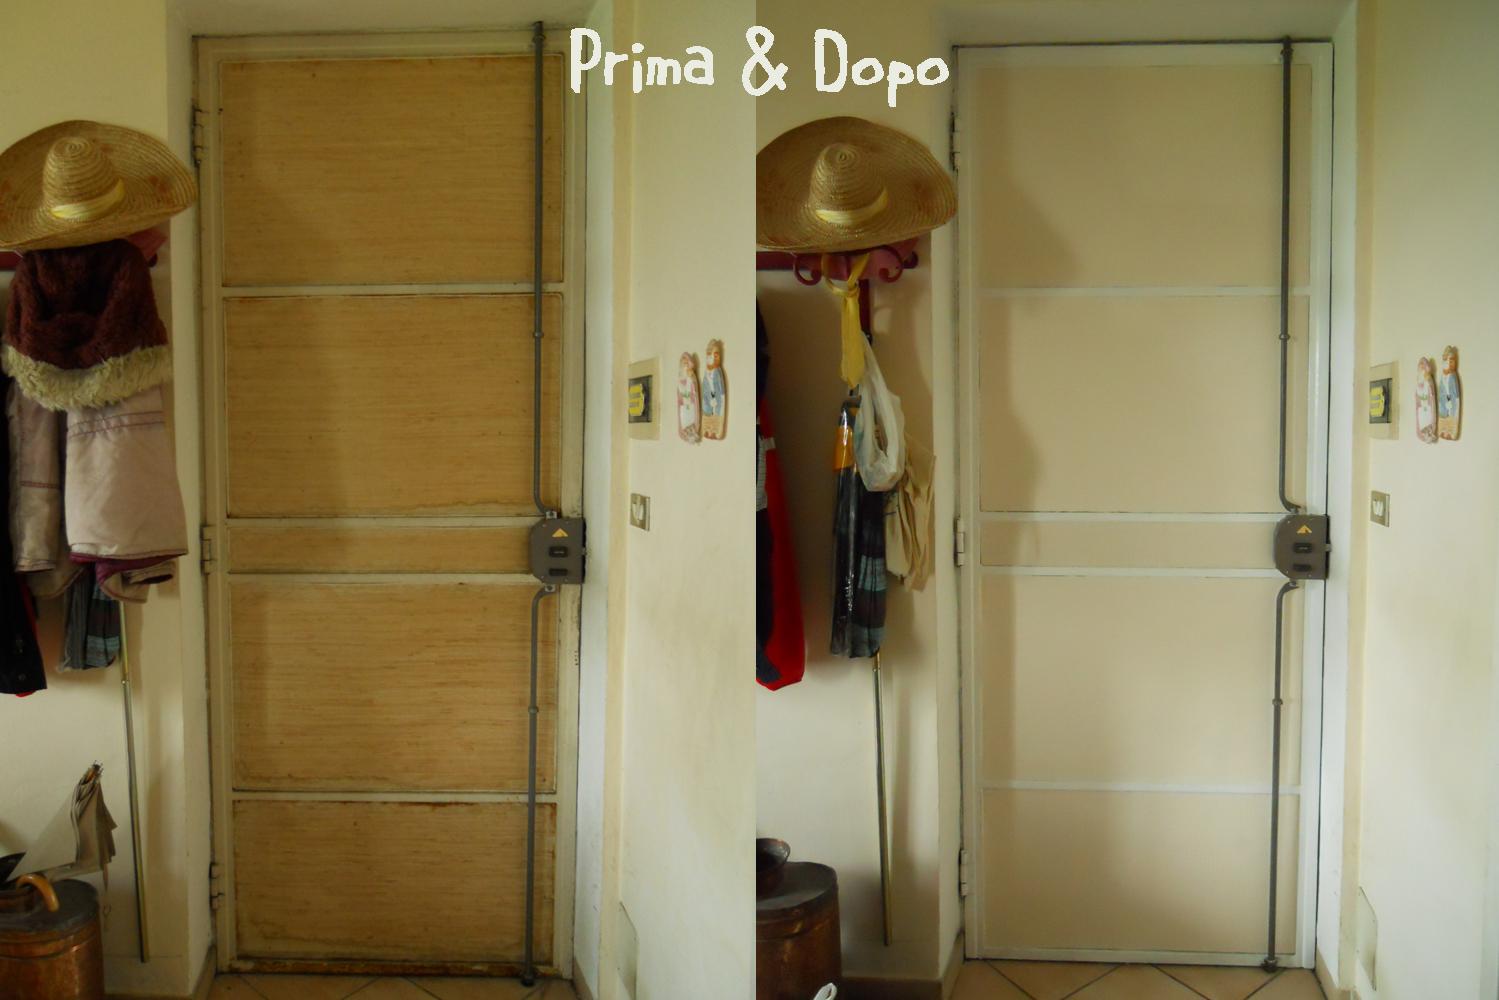 La vita puzza porta d 39 ingresso for Porta d ingresso coloniale olandese